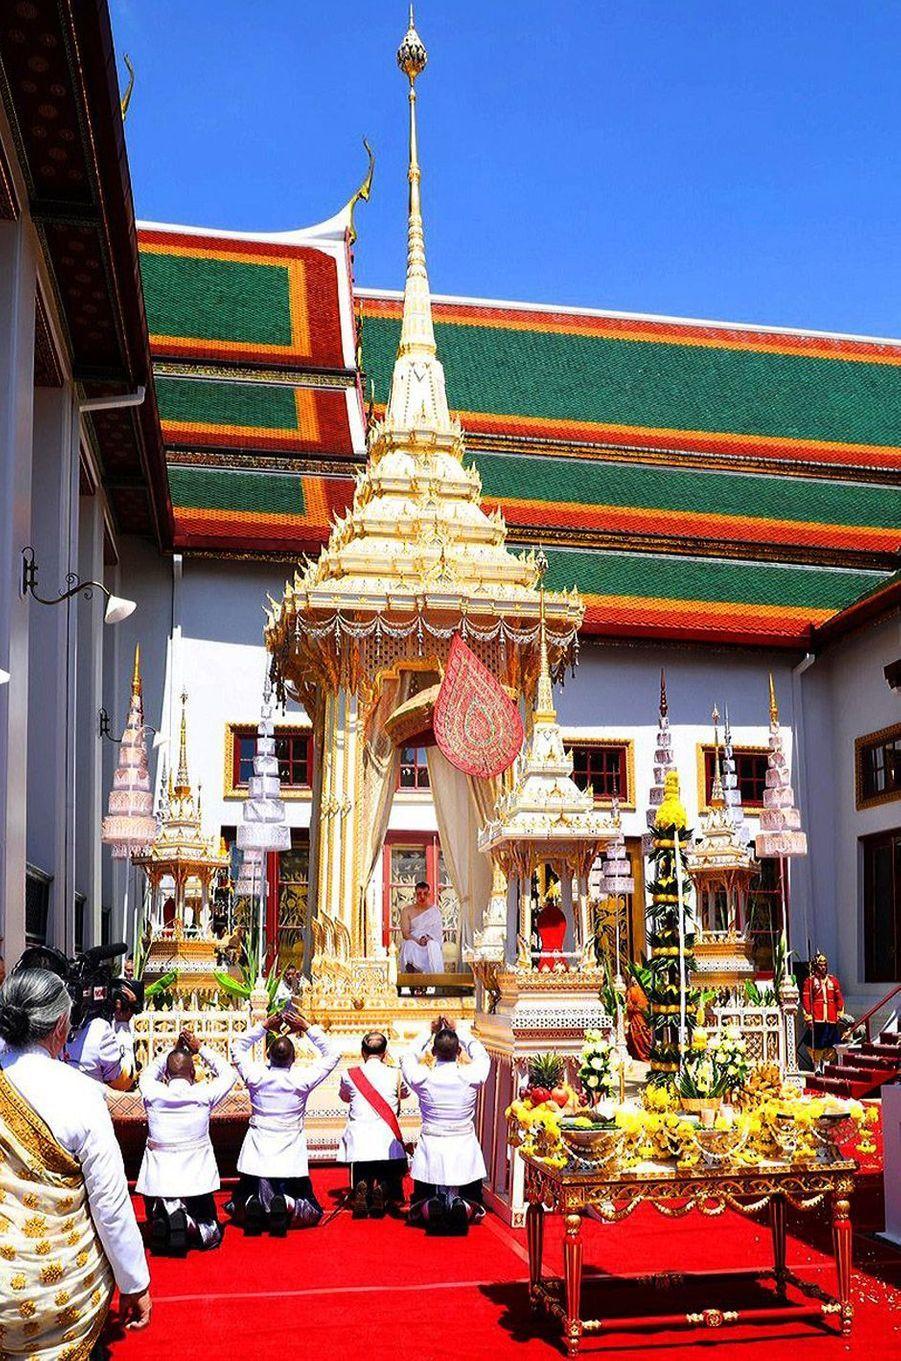 Le roi de Thaïlande Maha Vajiralongkorn (Rama X) à Bangkok, le 4 mai 2019, le jour de son couronnement